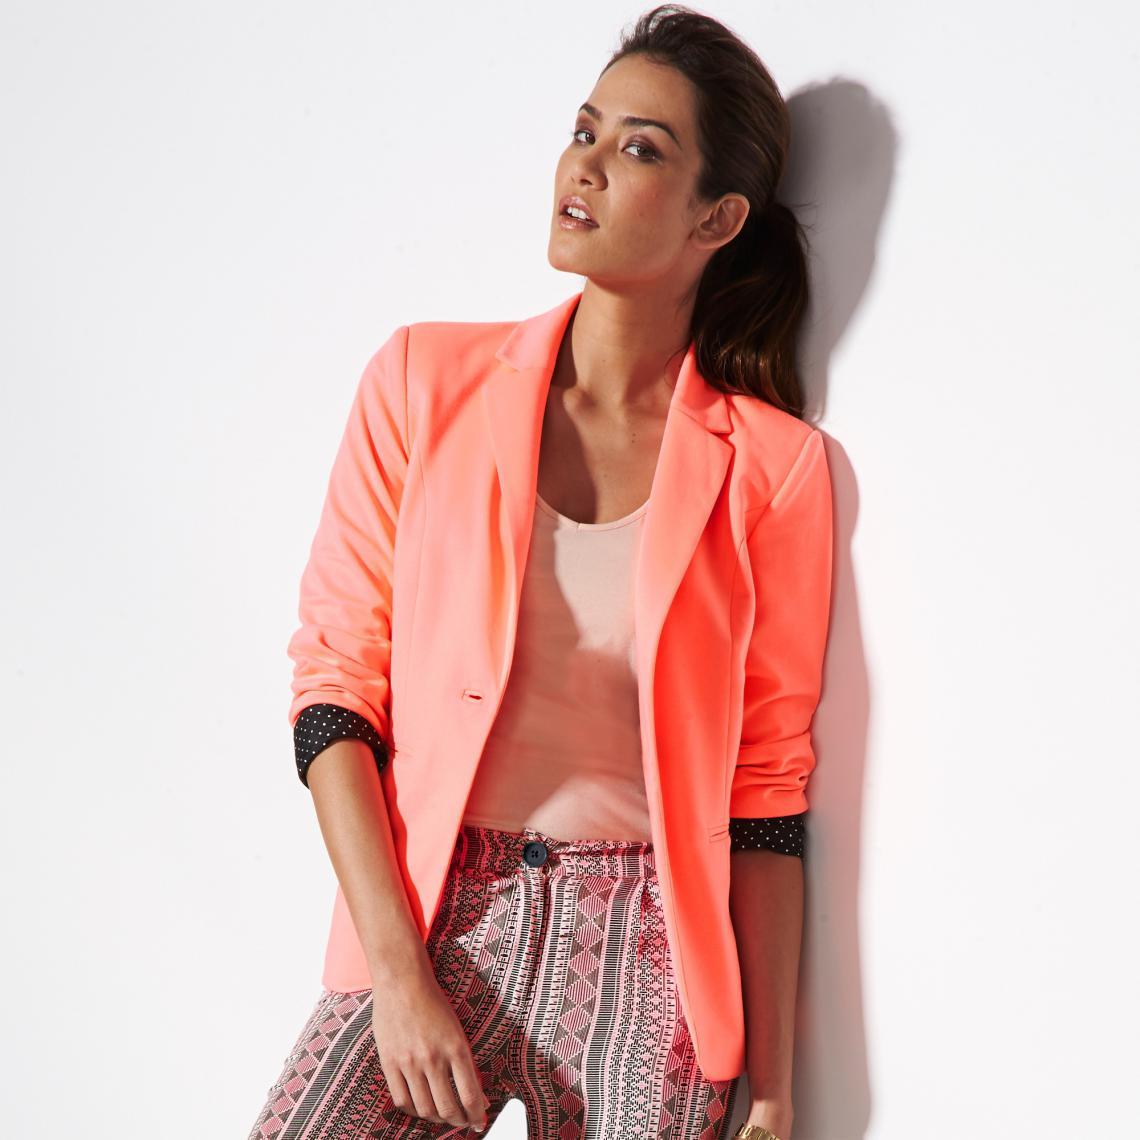 c10a92a25fb4ca Veste tailleur femme à Doublure imprimée fantaisie - rose | 3 SUISSES